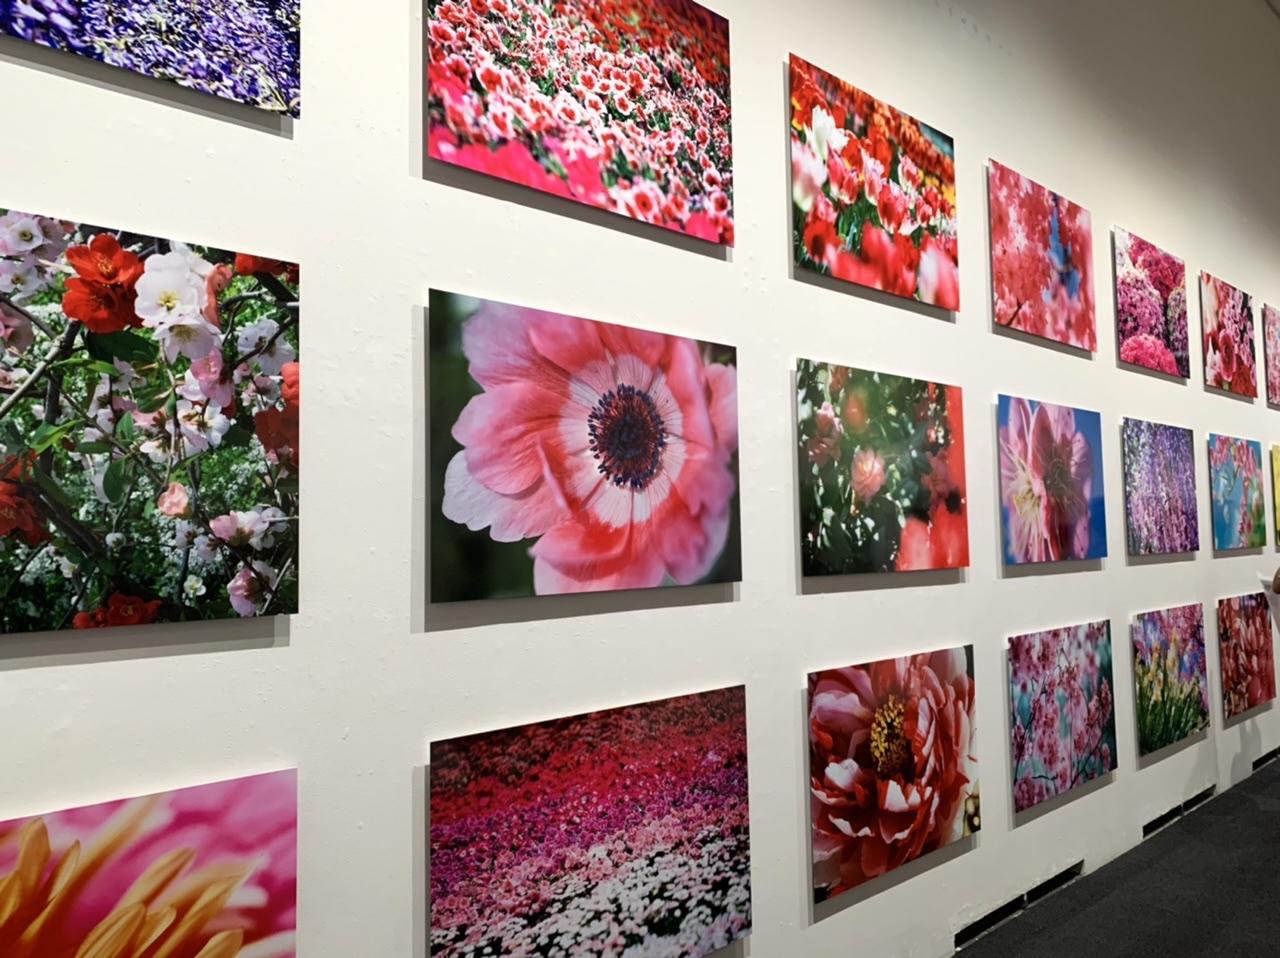 11/14(日)まで!上野の森美術館で開催中の蜷川実花展に行ってきました!_4